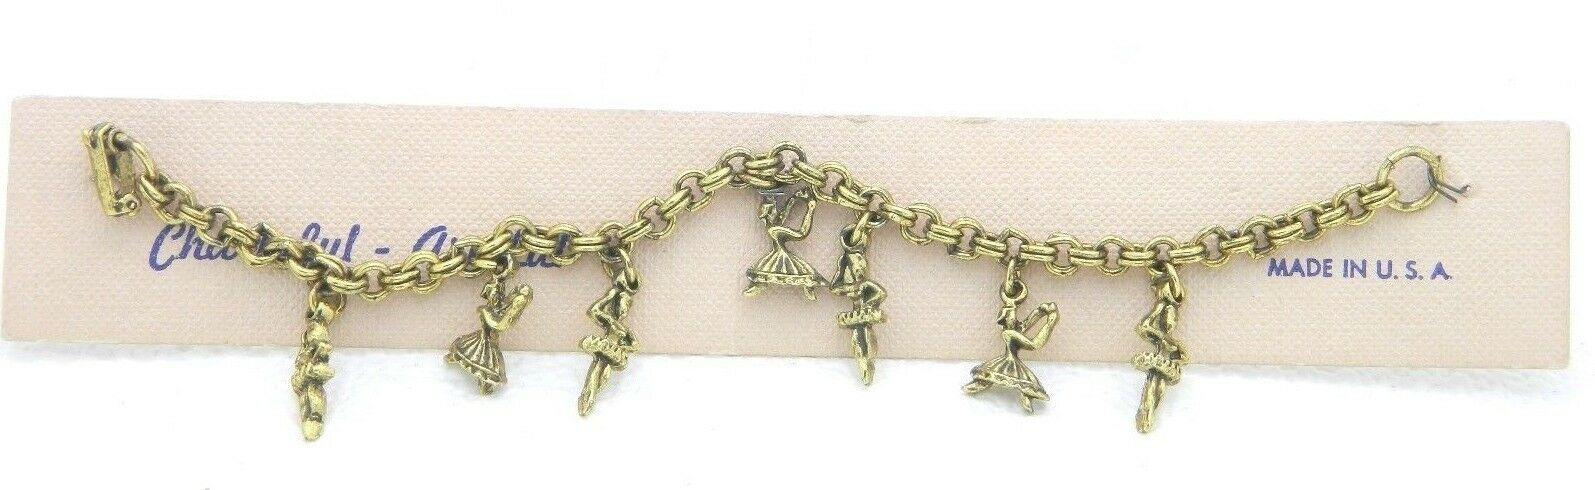 Vintage Gold Tone Ballerina Dancers Charm Bracelet New Old Stock